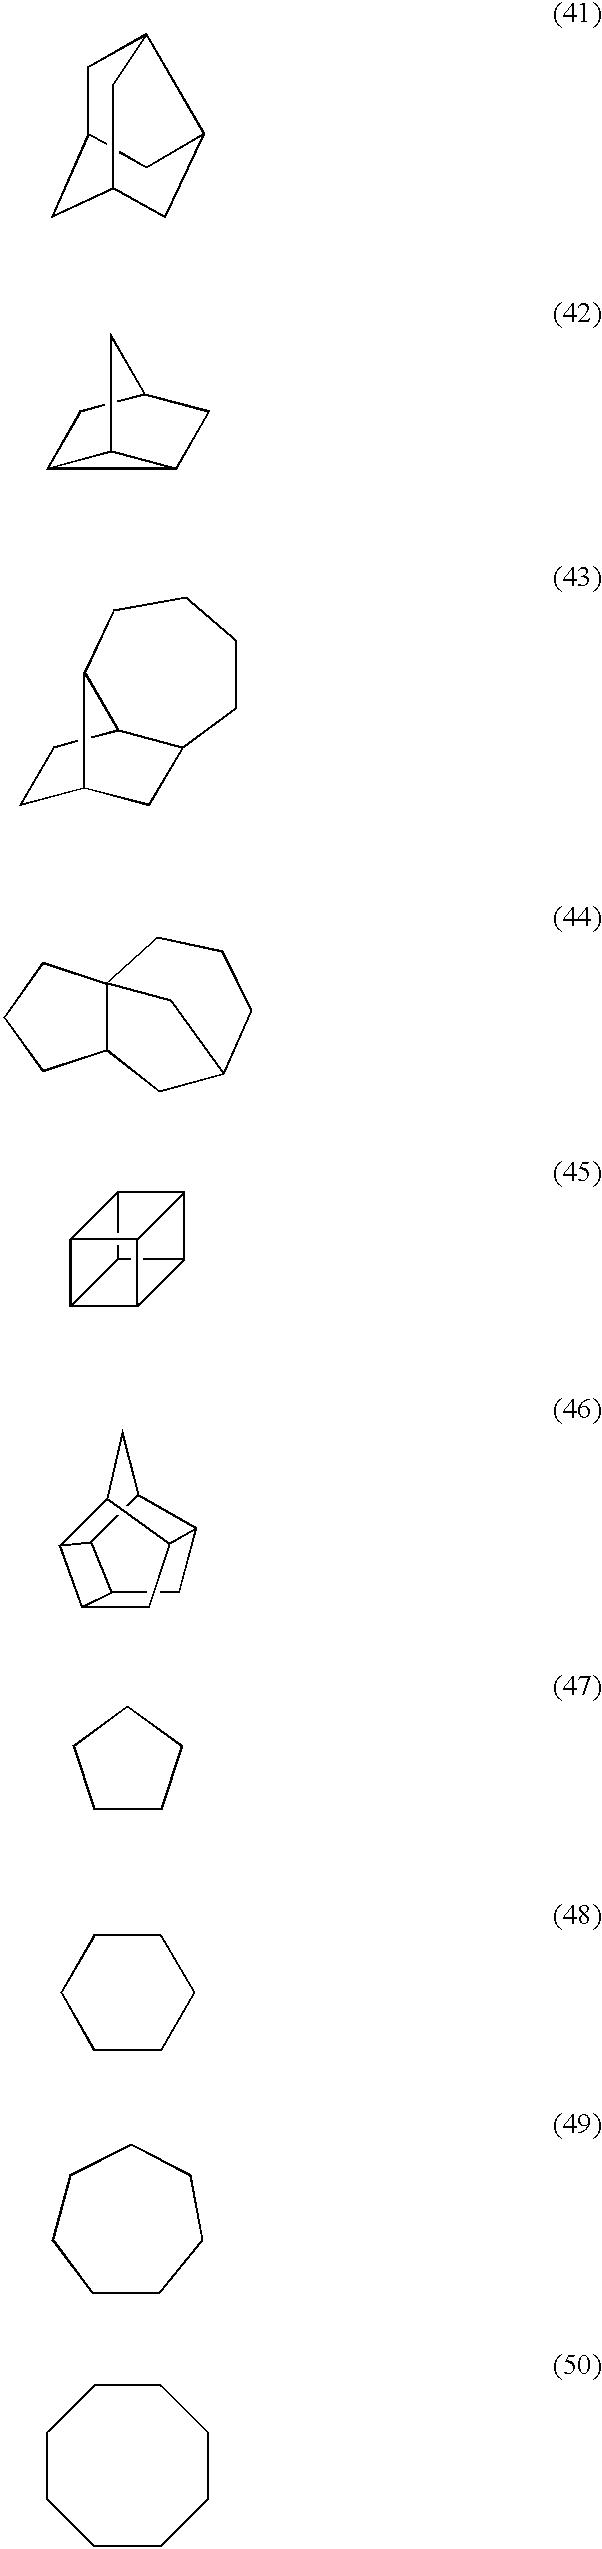 Figure US20030186161A1-20031002-C00044